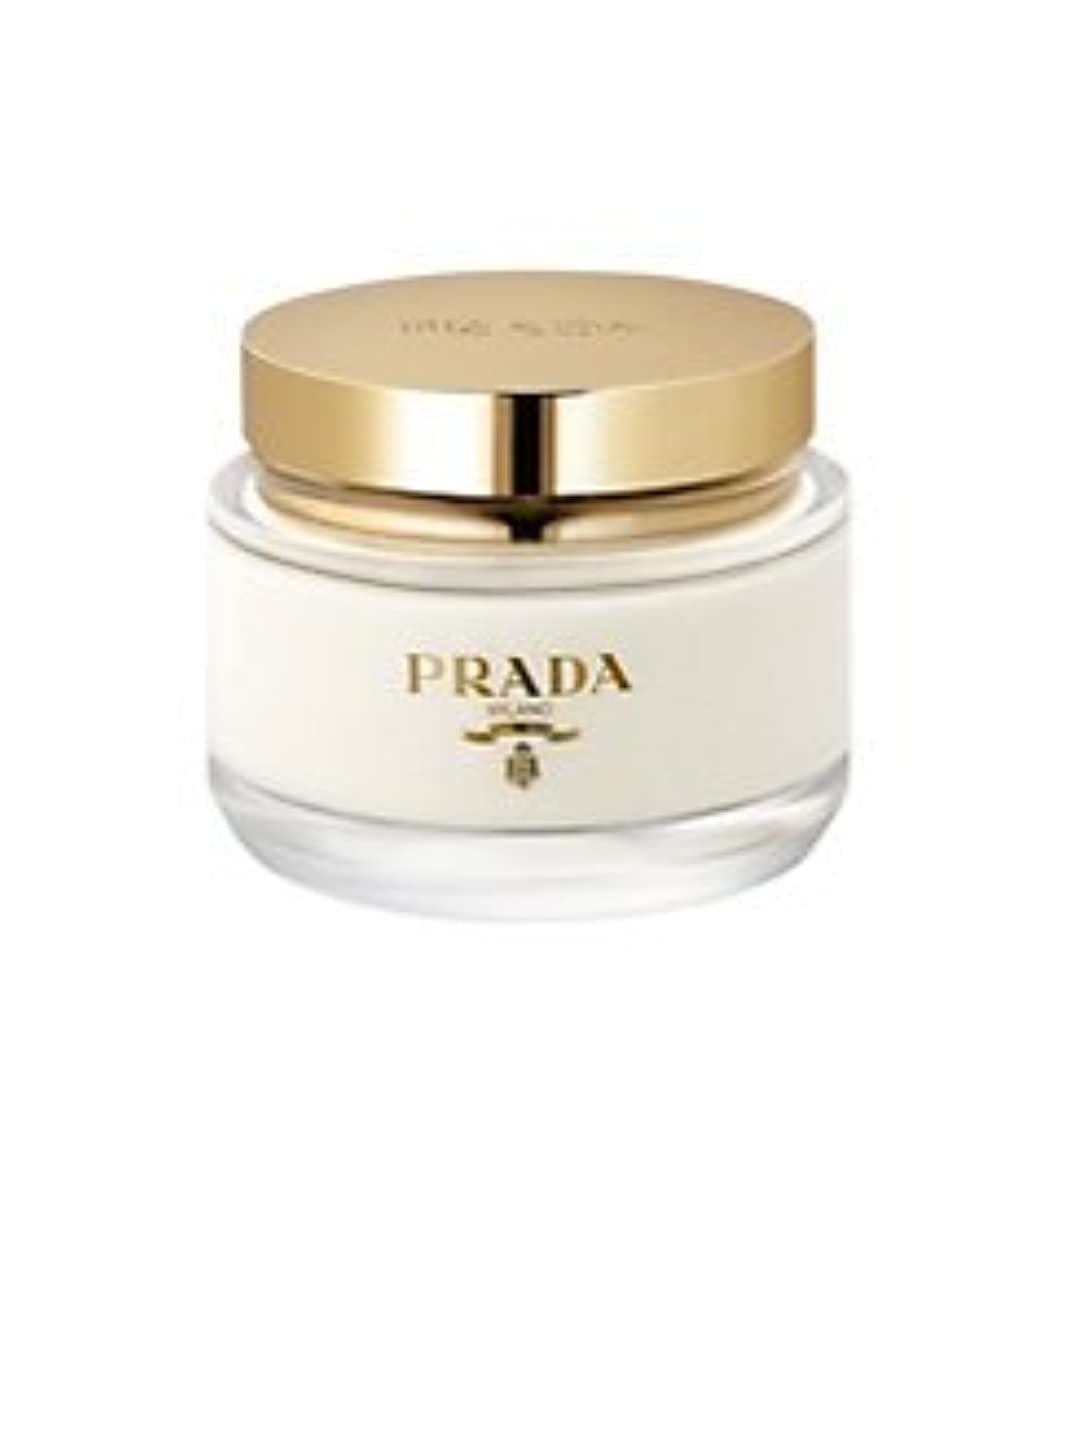 刺繍使用法次La Femme Prada (ラ フェム プラダ) 6.7 oz (200ml) Body Cream for Women